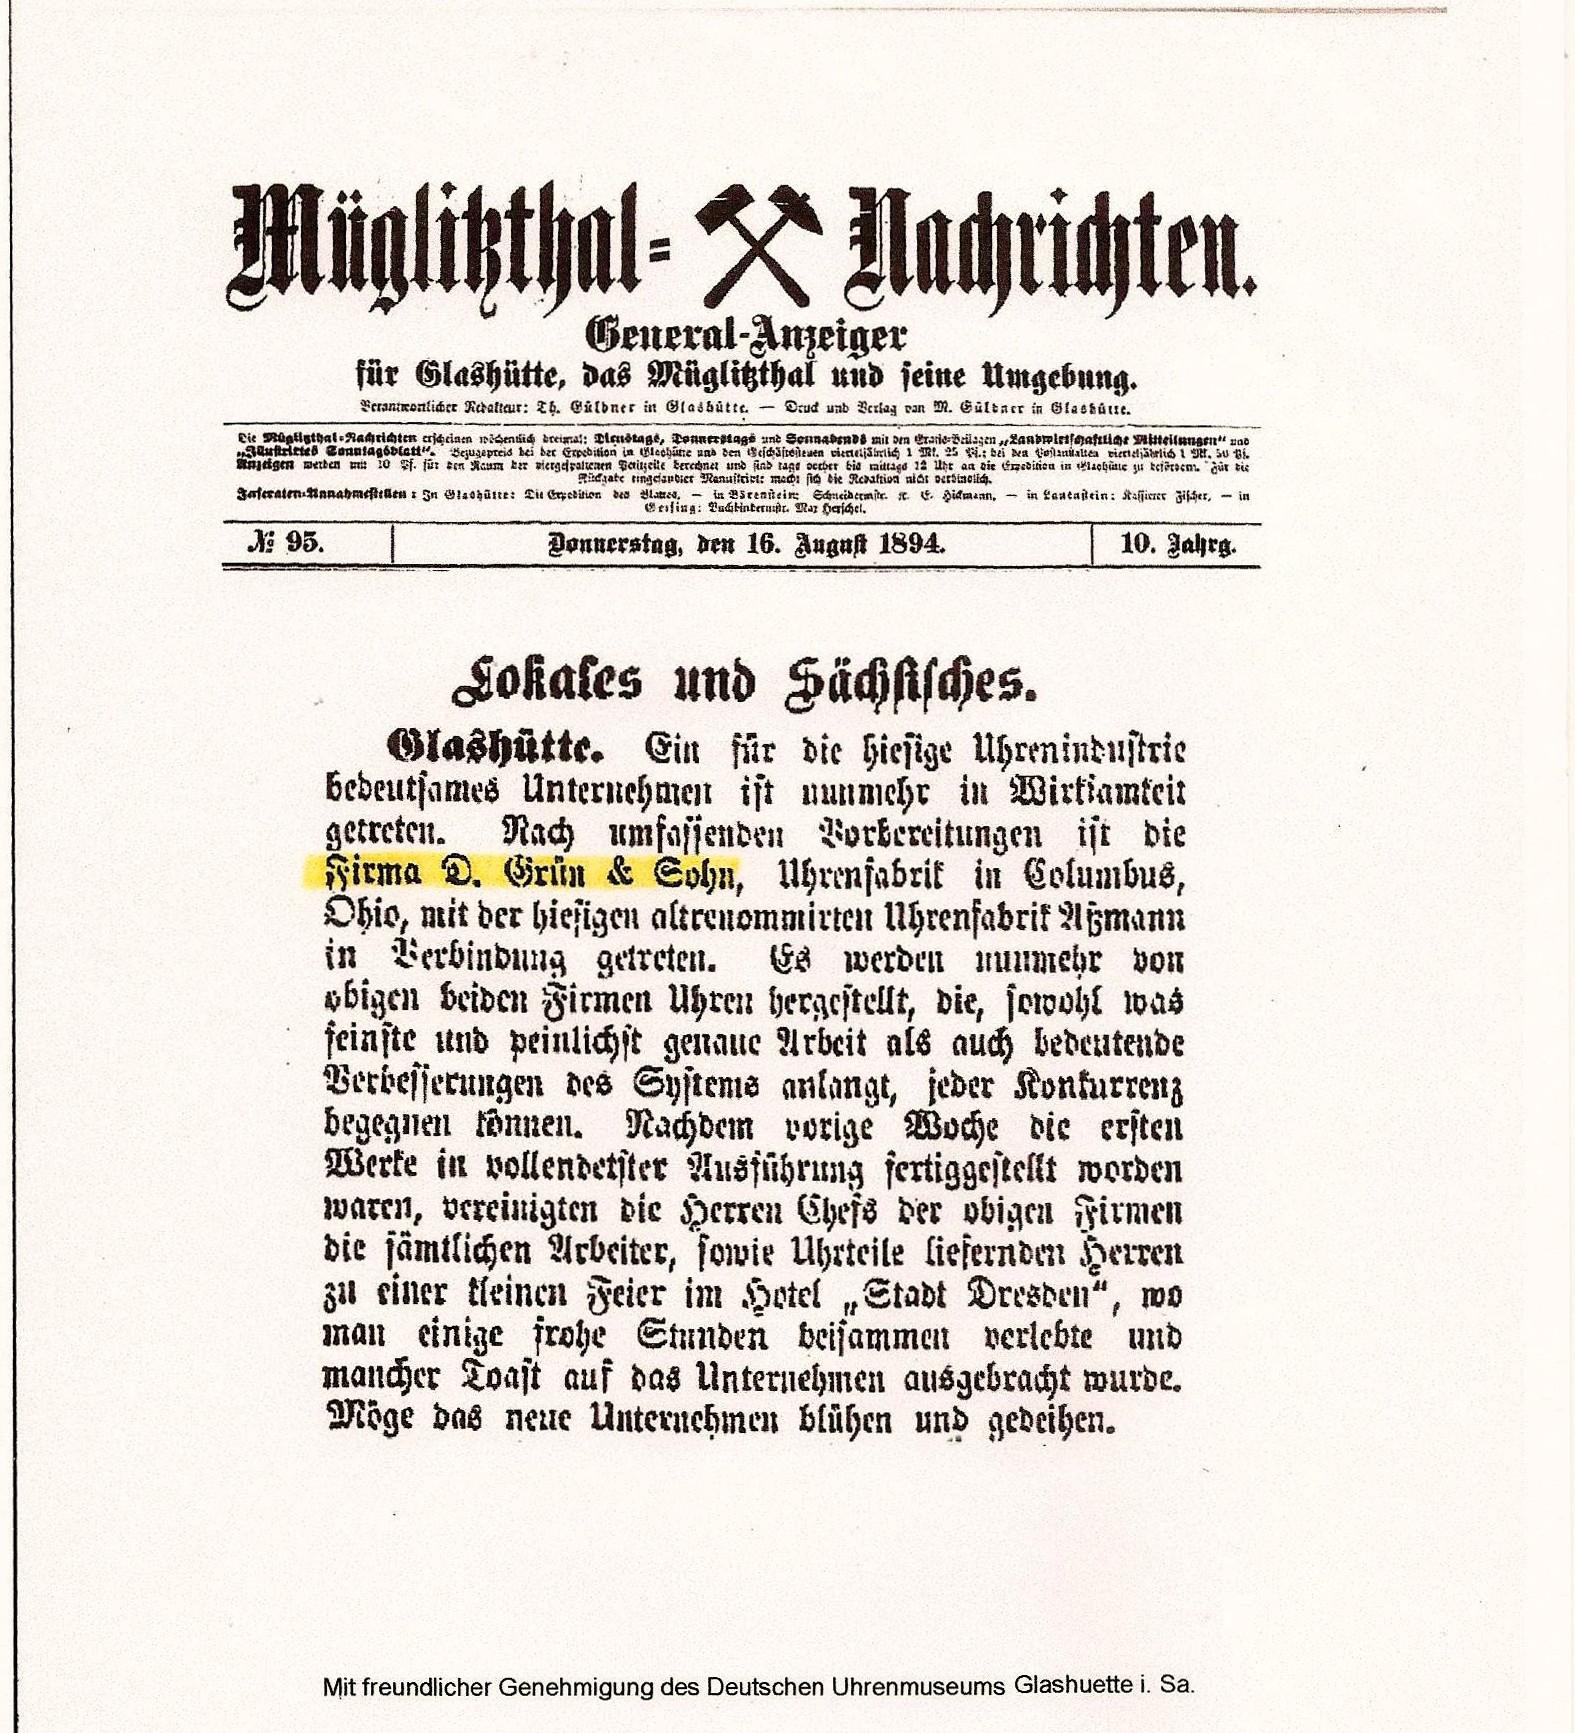 OBEN:  Kopie   Zeitungsbericht vom 16. August 1894, zur Gründungsfeier der  GRUEN-UHREN  - Firmengeschichte ,  im Hotel STADT DRESDEN, in Glashütte i. Sa.